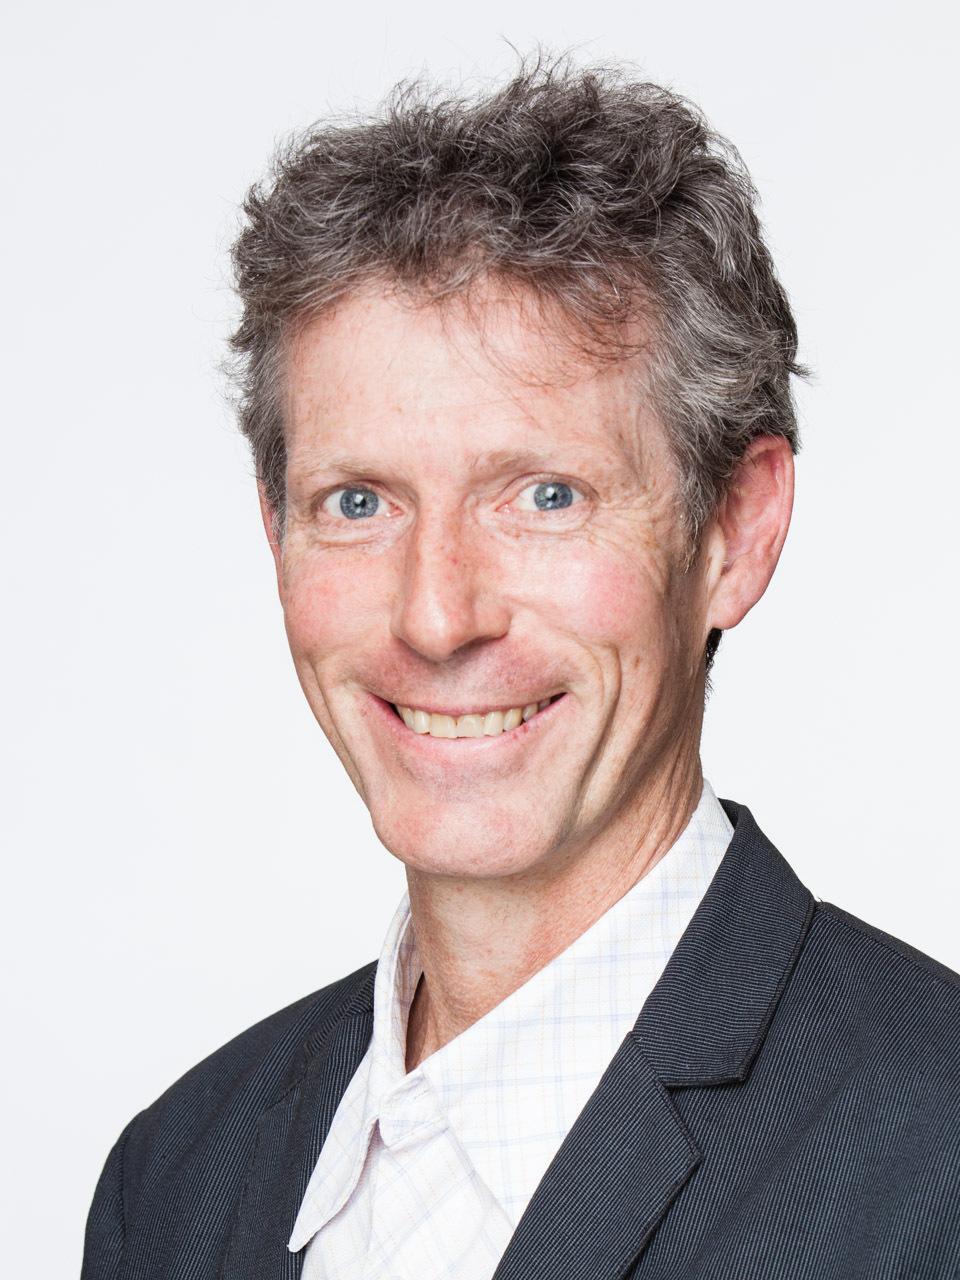 Profile picture of Scott McQuire